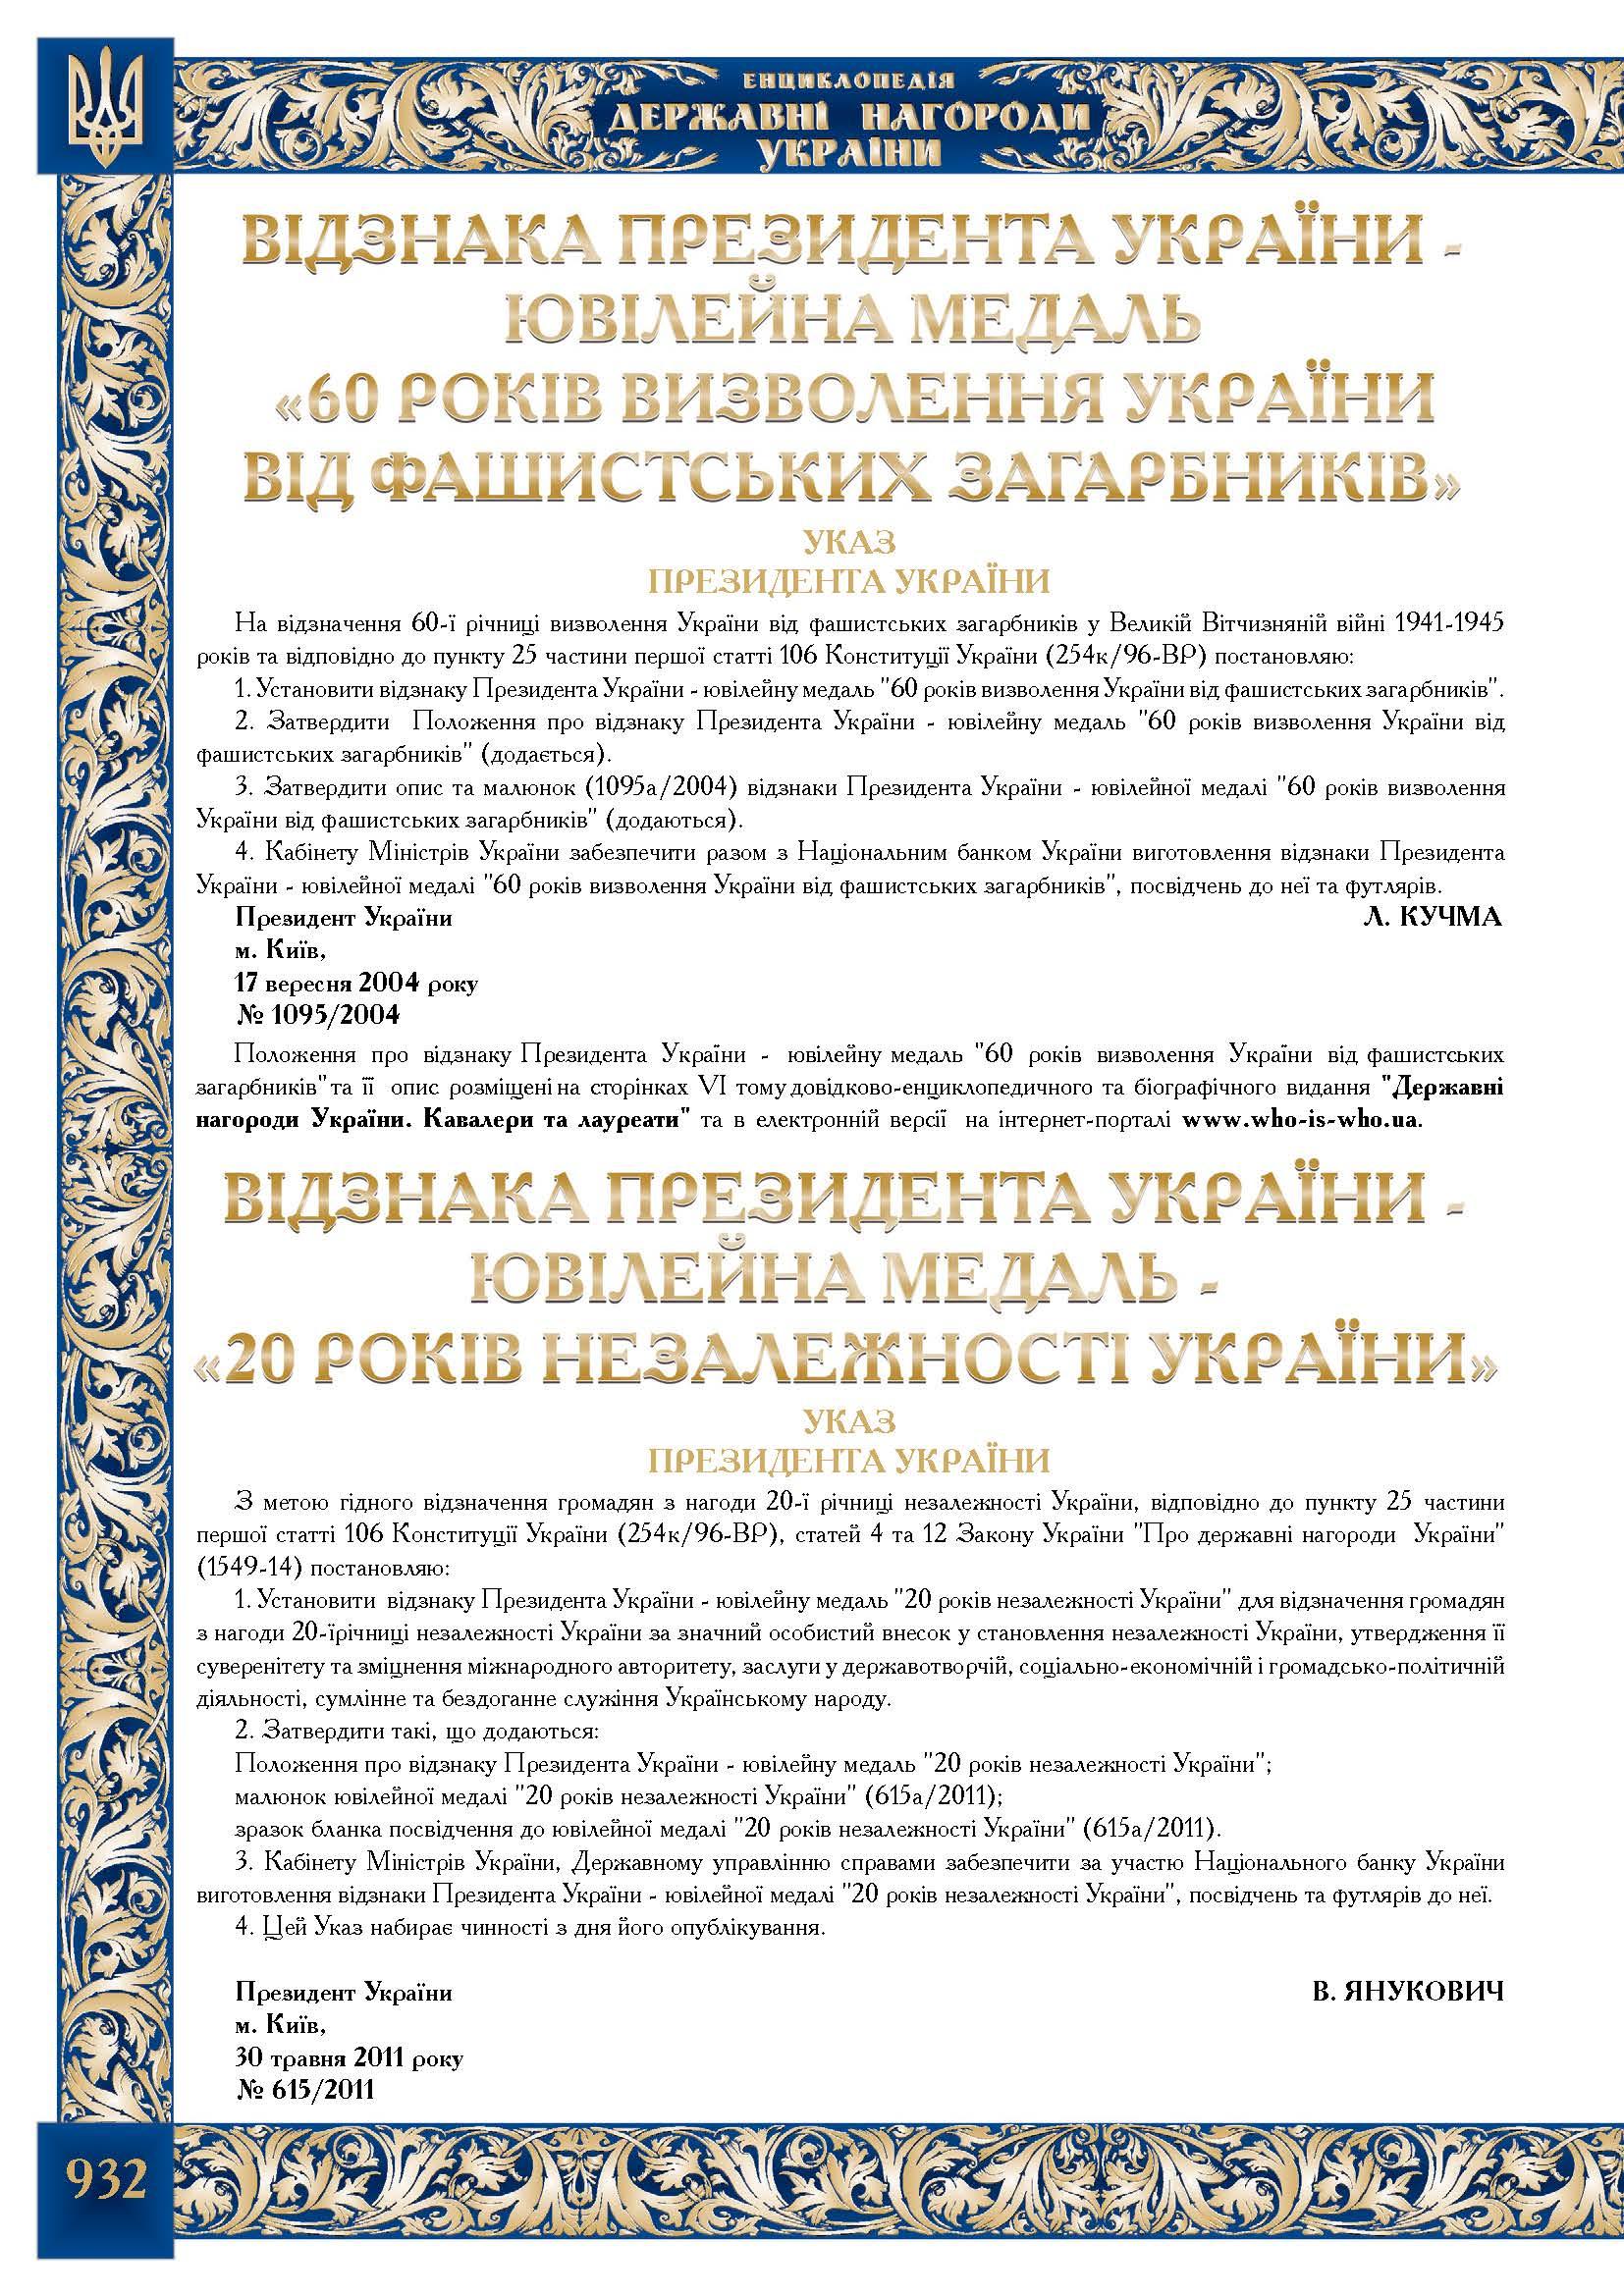 Відзнака Президента України — ювілейна медаль «60 років визволення України від фашистських загарбників»